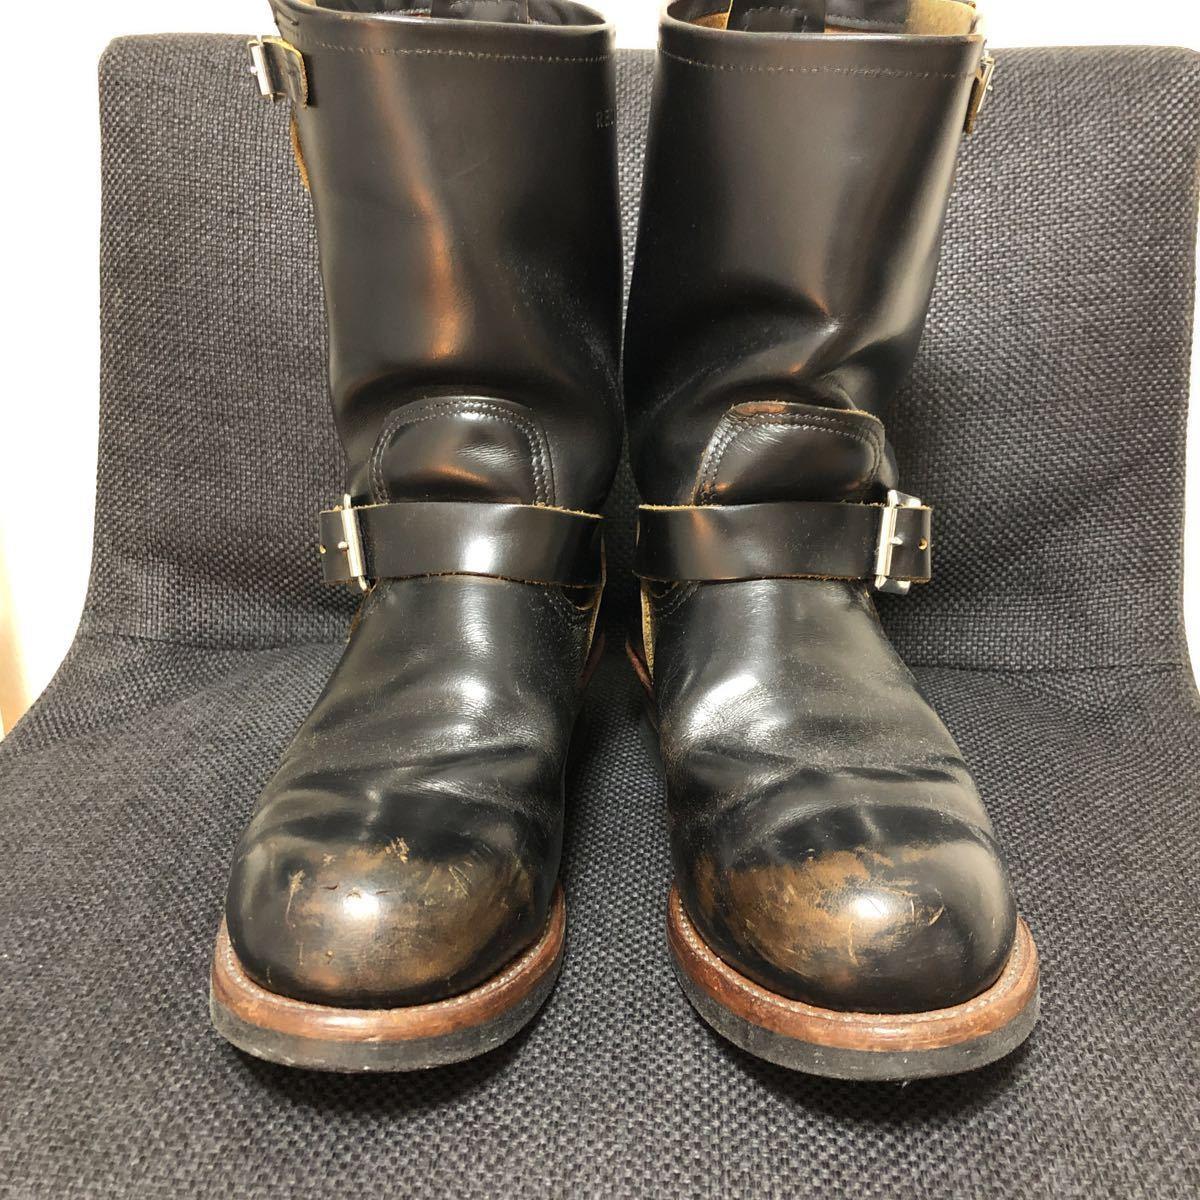 RED WING(レッドウィング) 9268 Engineer Boots(エンジニアブーツ スチールあり) ブラック・クロンダイク 茶芯_画像3